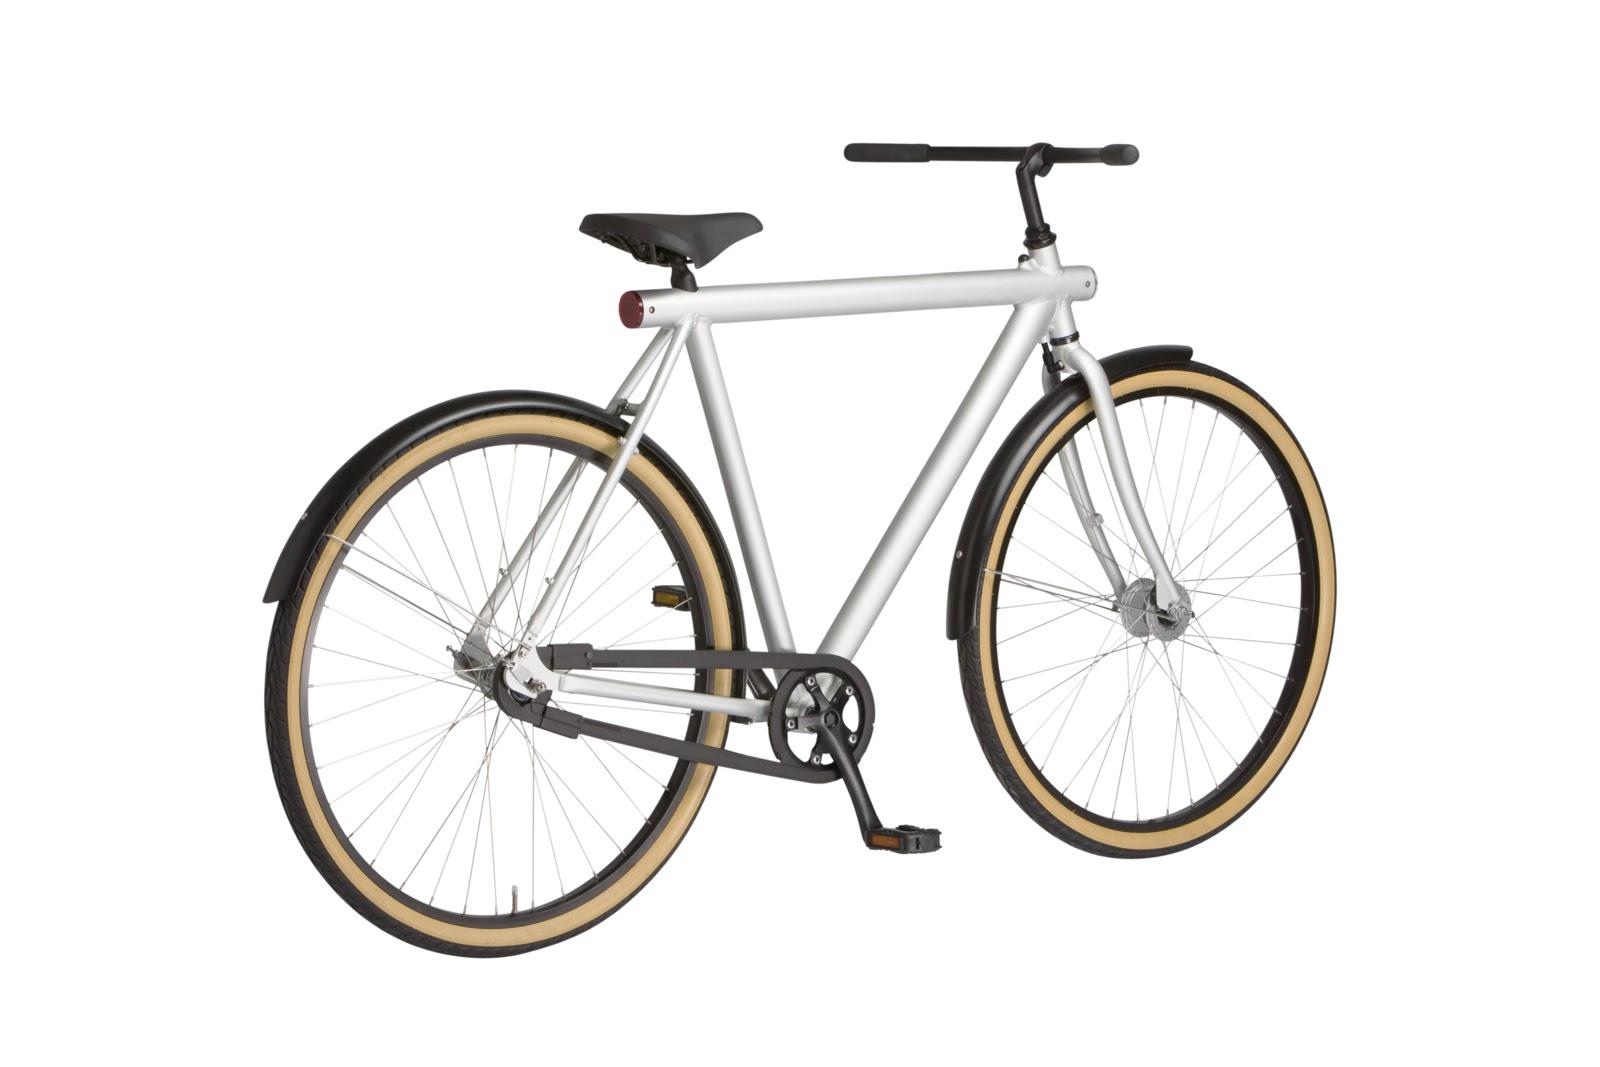 A guy 39 s guide vanmoof lanceert m2 collectie met philips for Minimalistische fiets